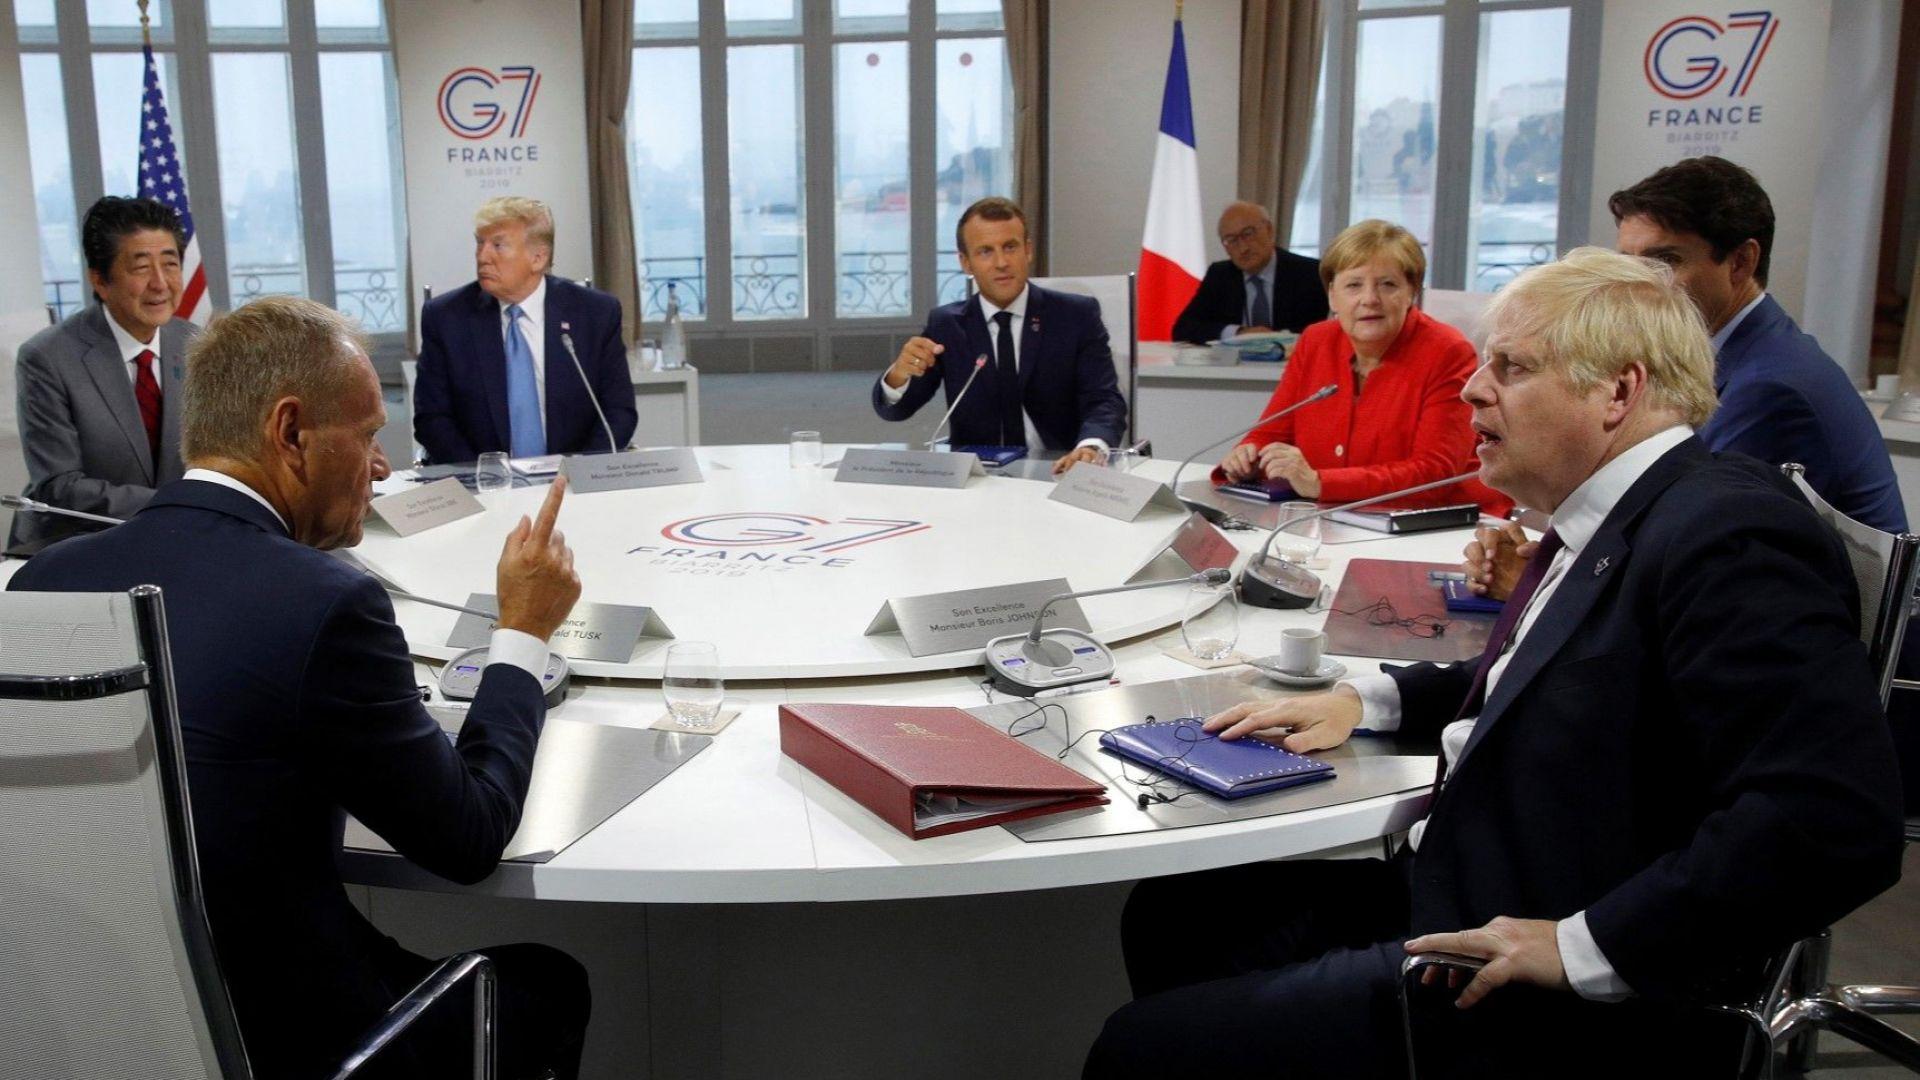 Ще се върне ли Русия в елитния клуб? Как Изтокът и Западът виждат бъдещето на Г-7